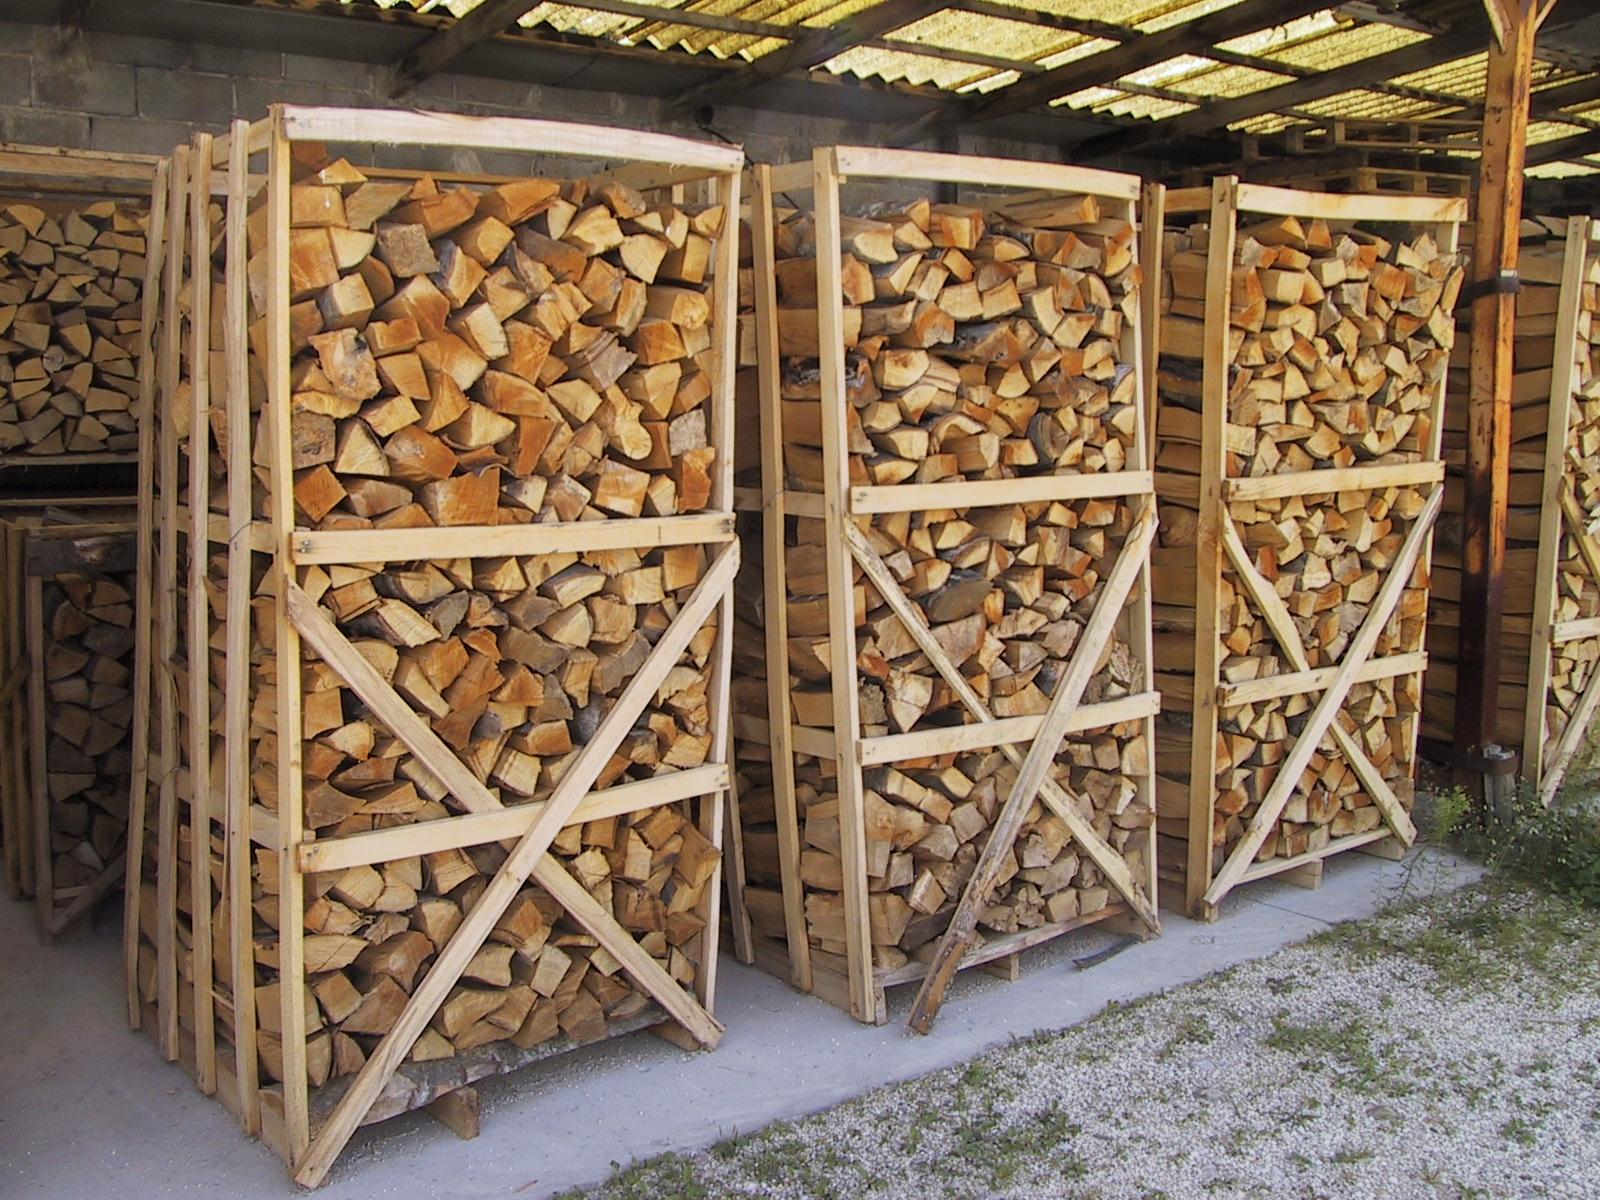 Vallo di diano avviso della regione per la vendita a for Vendita legna da ardere